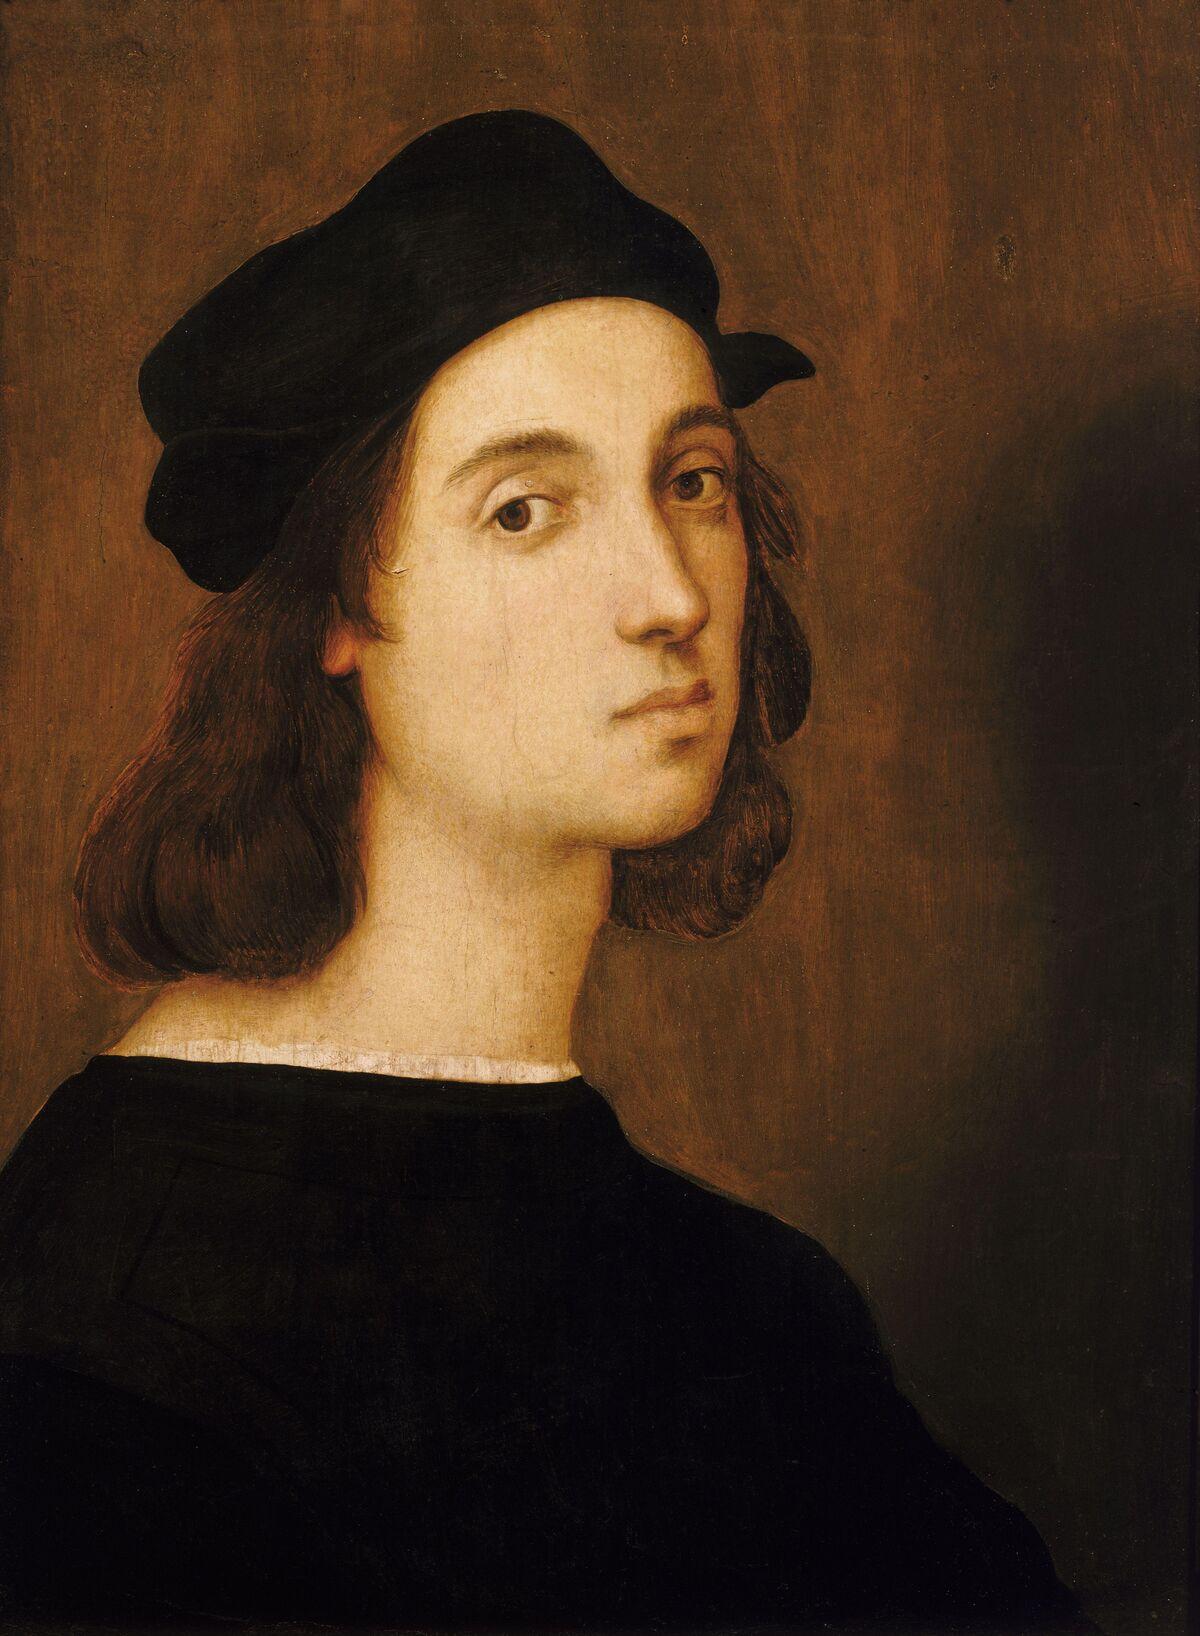 Rafael, autorretrato, ca.  1506. Imagen a través de Wikimedia Commons.